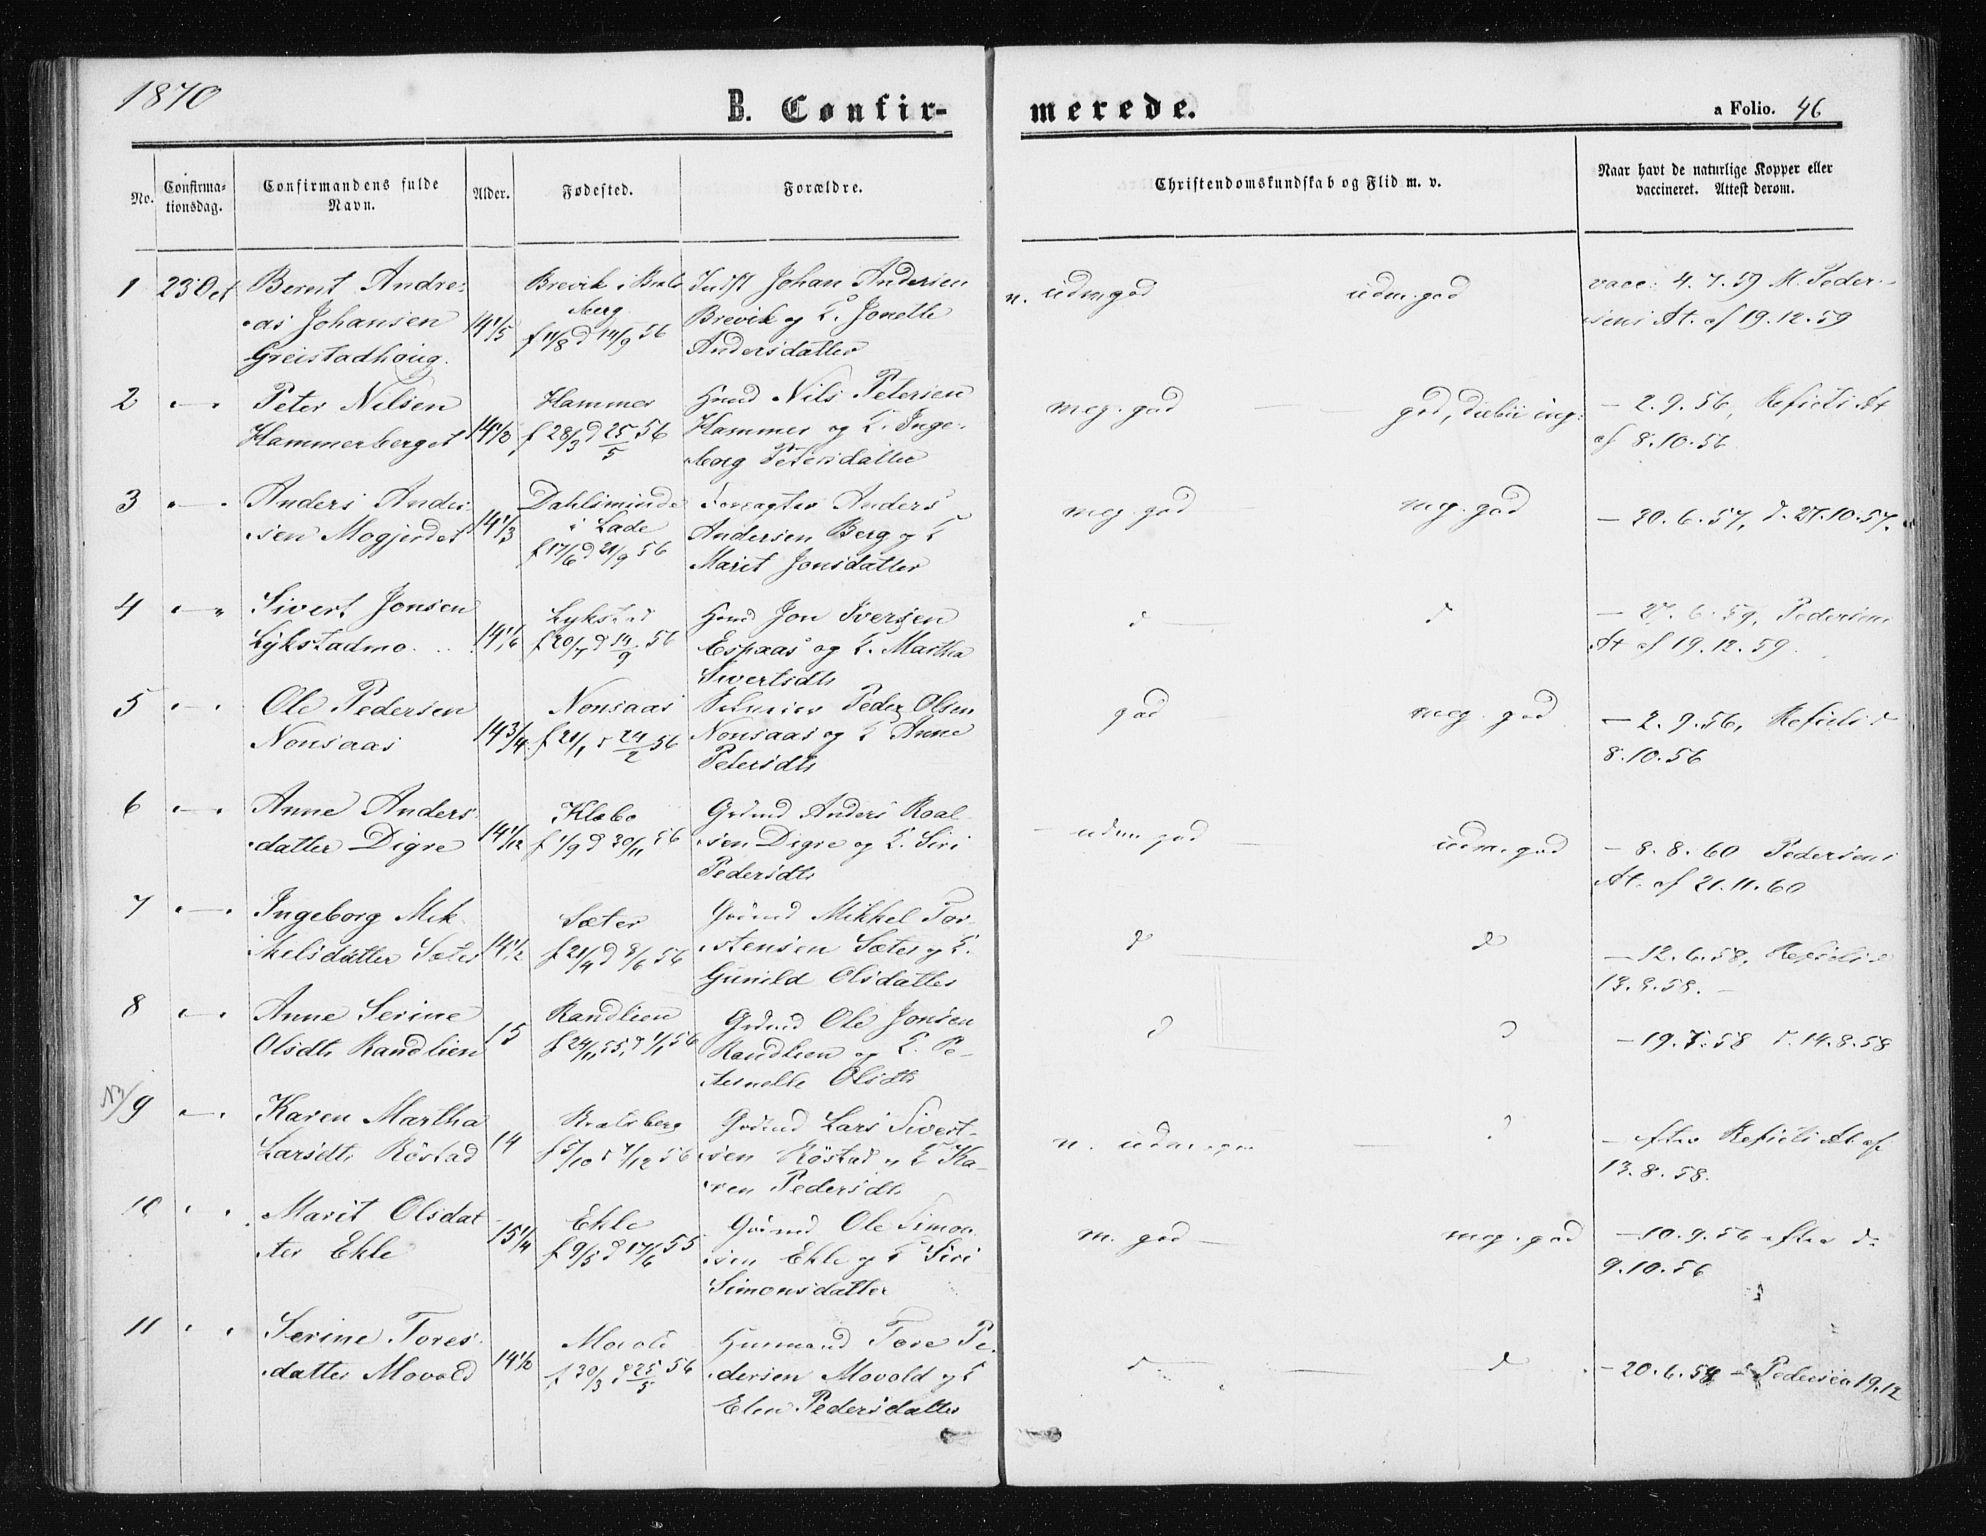 SAT, Ministerialprotokoller, klokkerbøker og fødselsregistre - Sør-Trøndelag, 608/L0333: Ministerialbok nr. 608A02, 1862-1876, s. 46